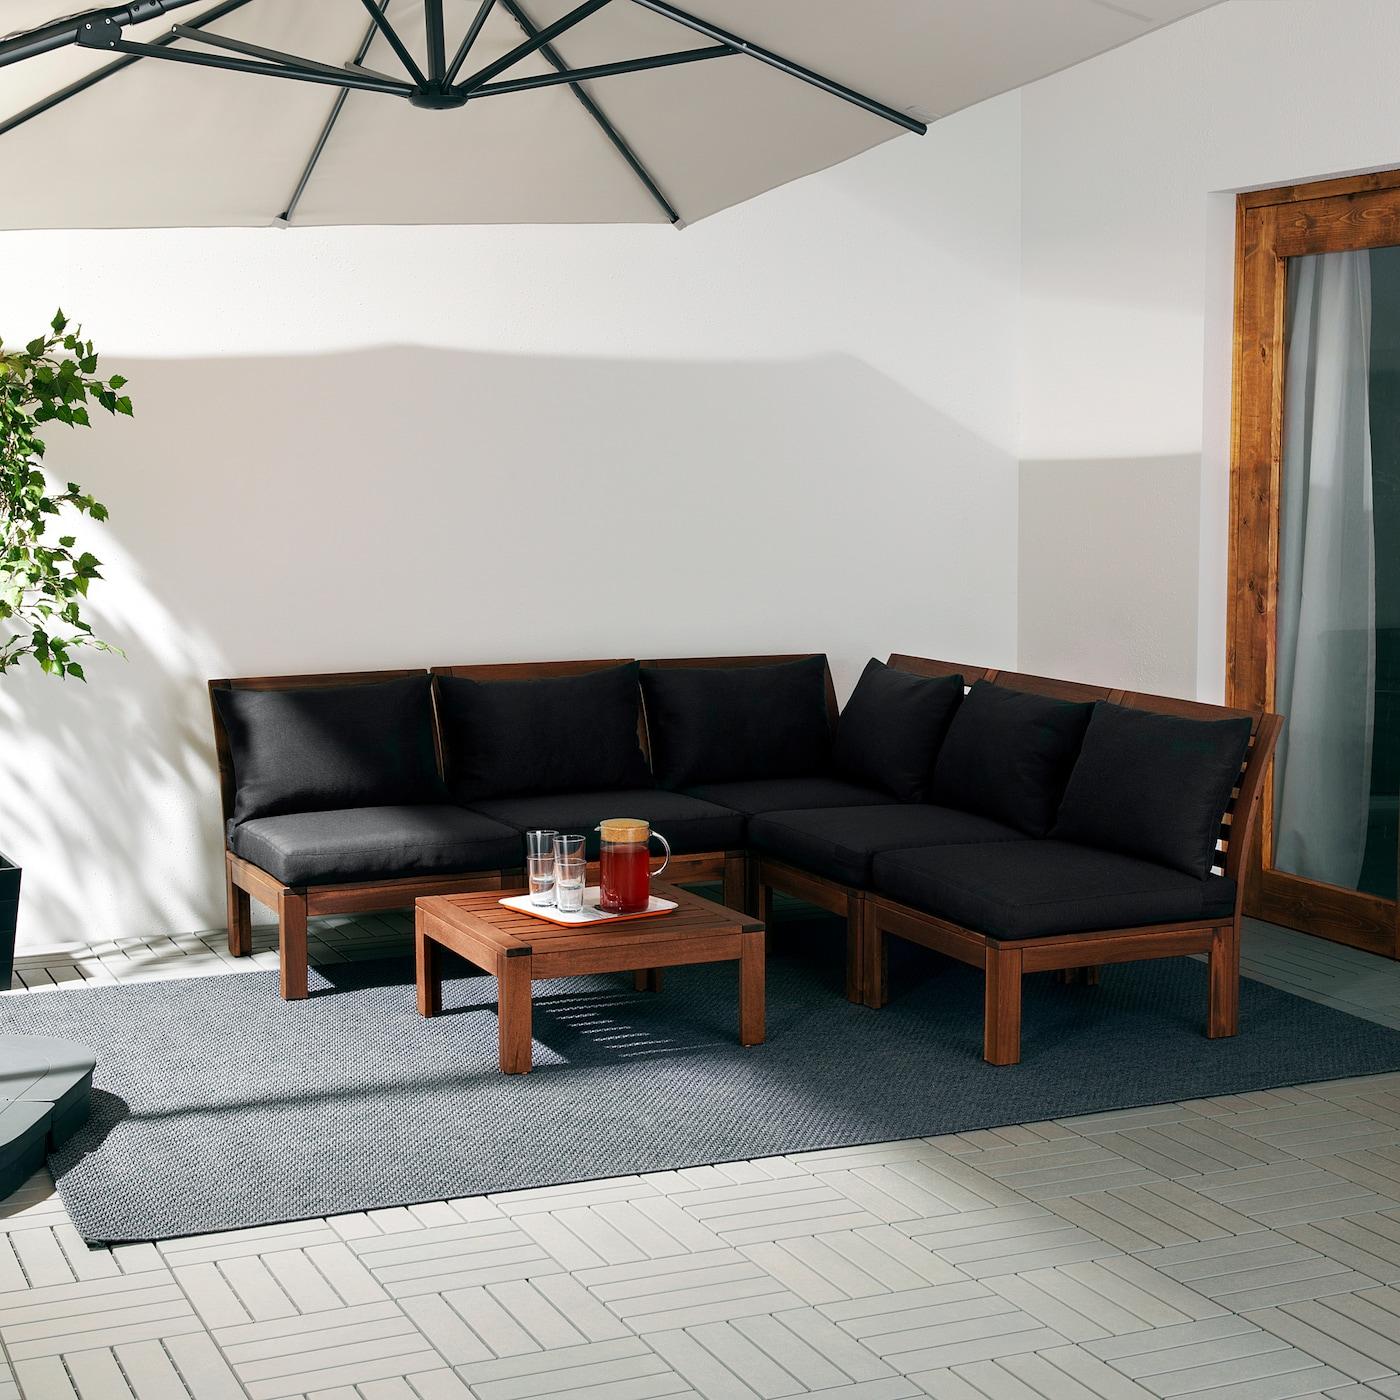 ÄPPLARÖ Modulecksofa 4-sitzig/außen, braun las./Hållö schwarz, 206/206x80x73 cm